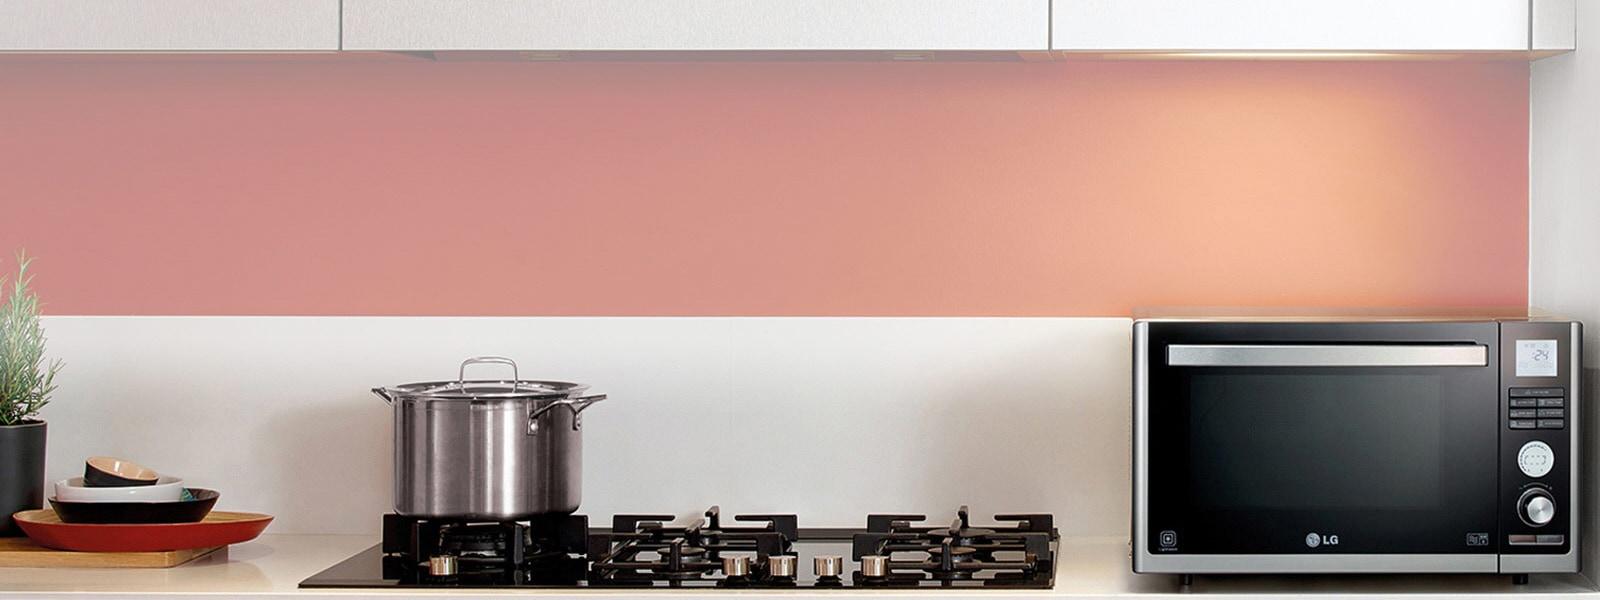 Poser Four Sur Micro Onde micro ondes lg: toute la gamme de fours micro-ondes | lg suisse